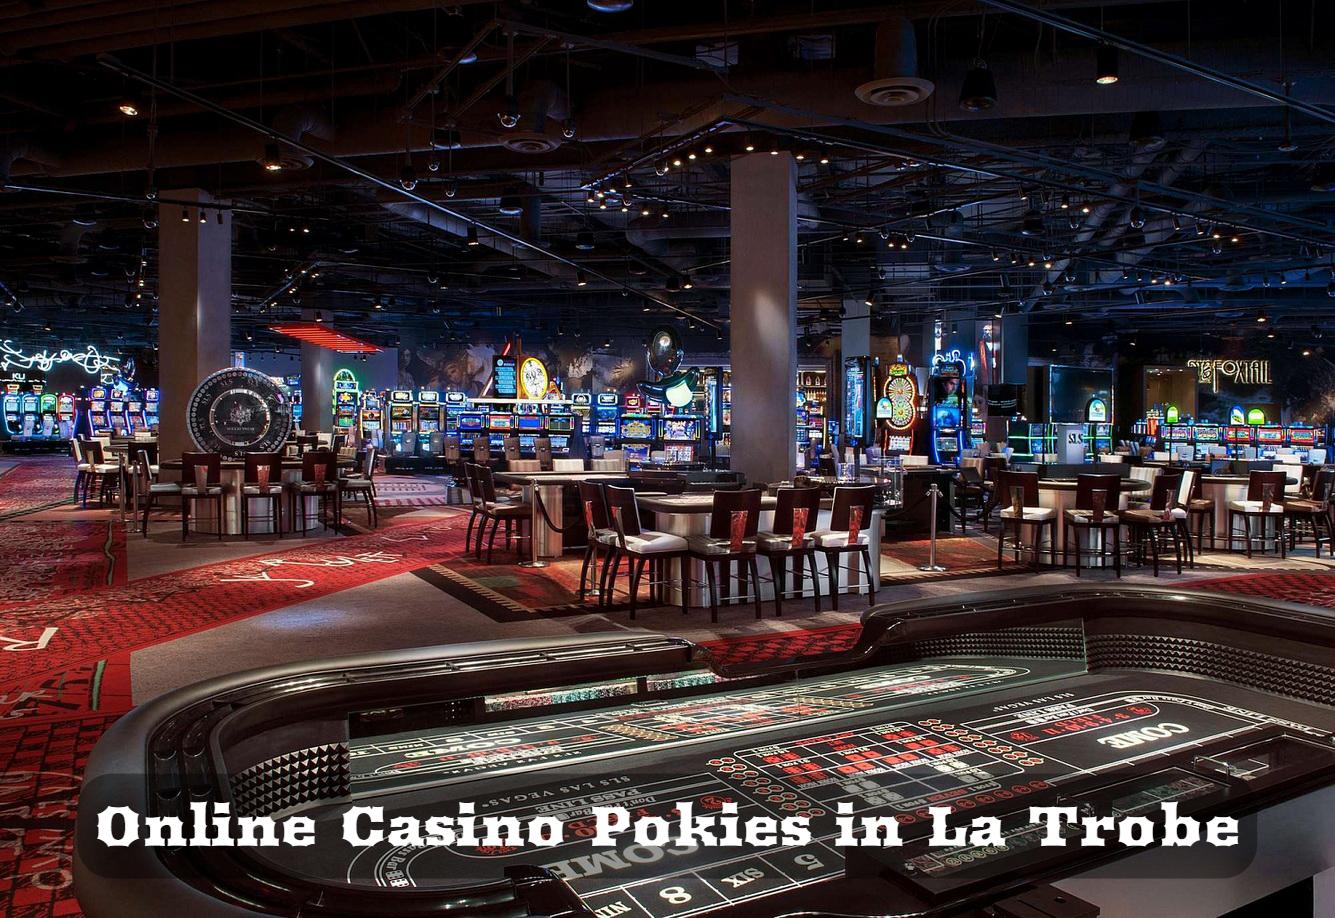 Online Casino Pokies in La Trobe